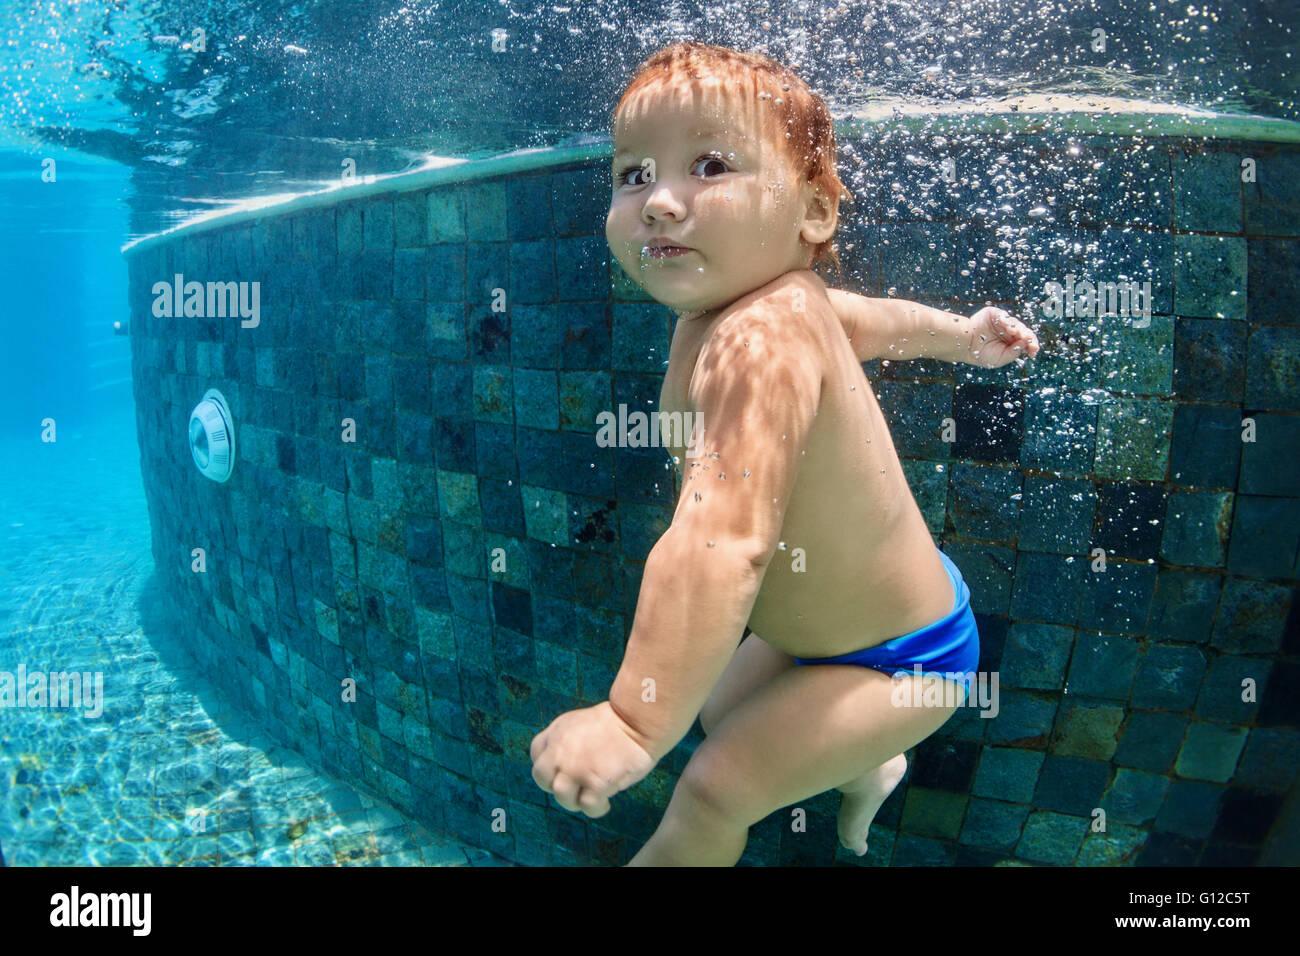 Funny photo de bébé active la natation et la plongée en piscine avec plaisir - aller au fond avec Photo Stock